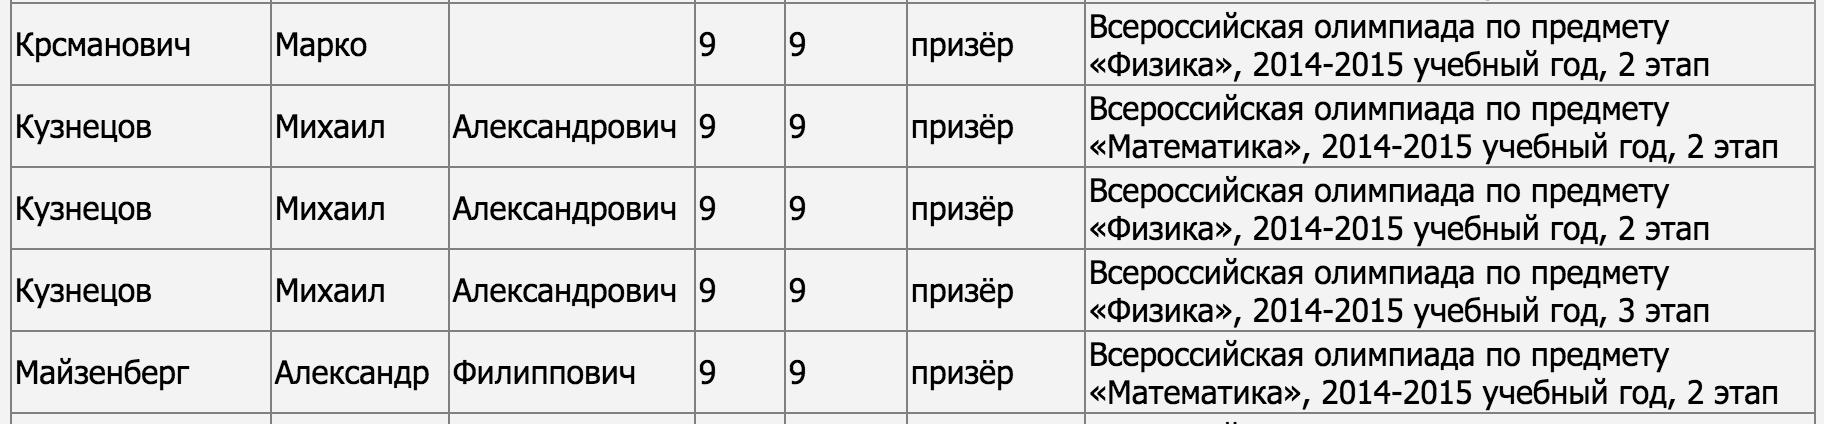 Выбор школы в Москве the hard way - 11